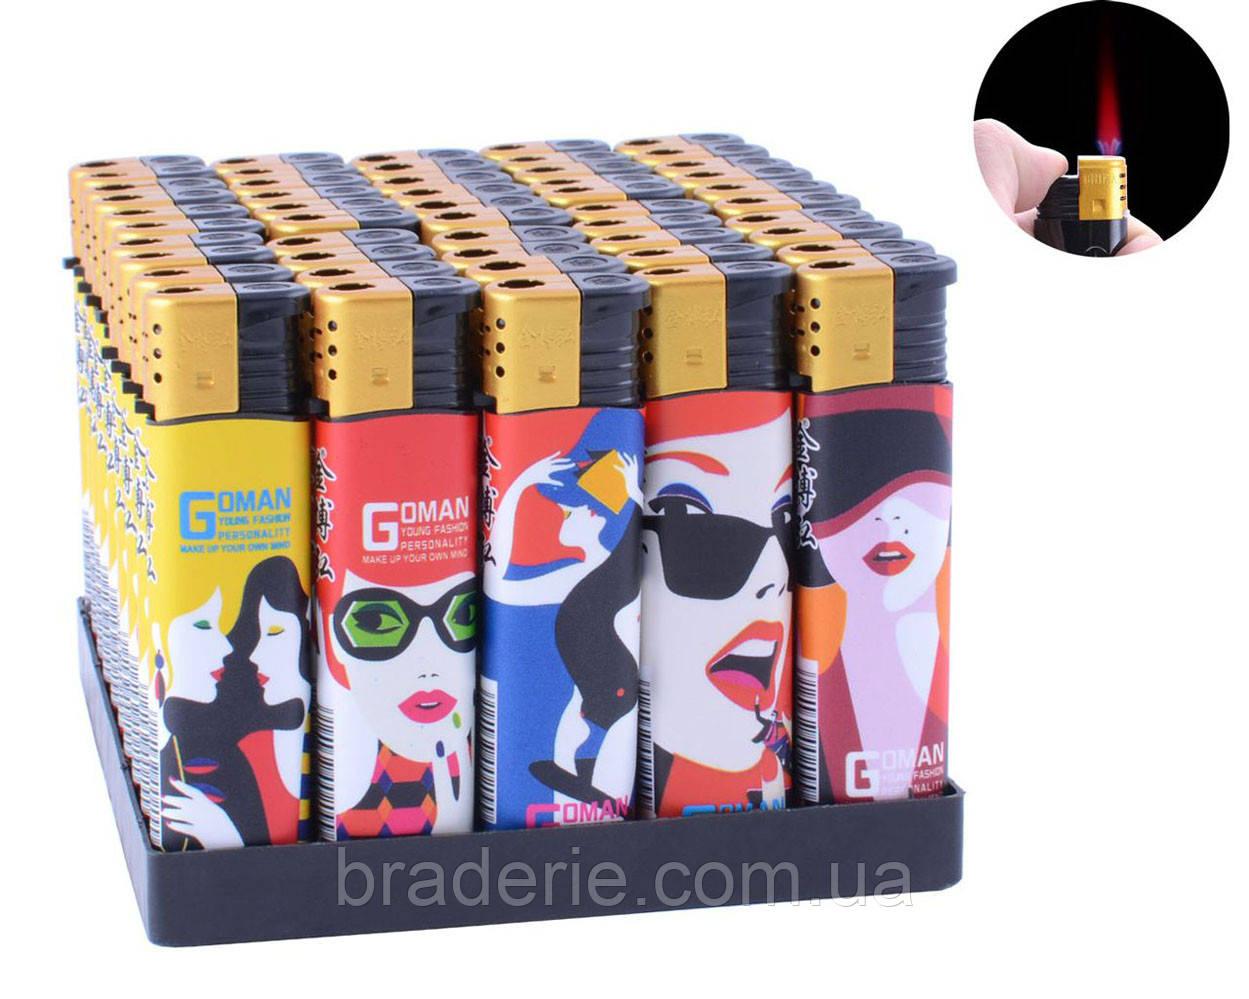 Зажигалка пластиковая газовая турбо пламя Goman 909-17 упаковка 50 штук